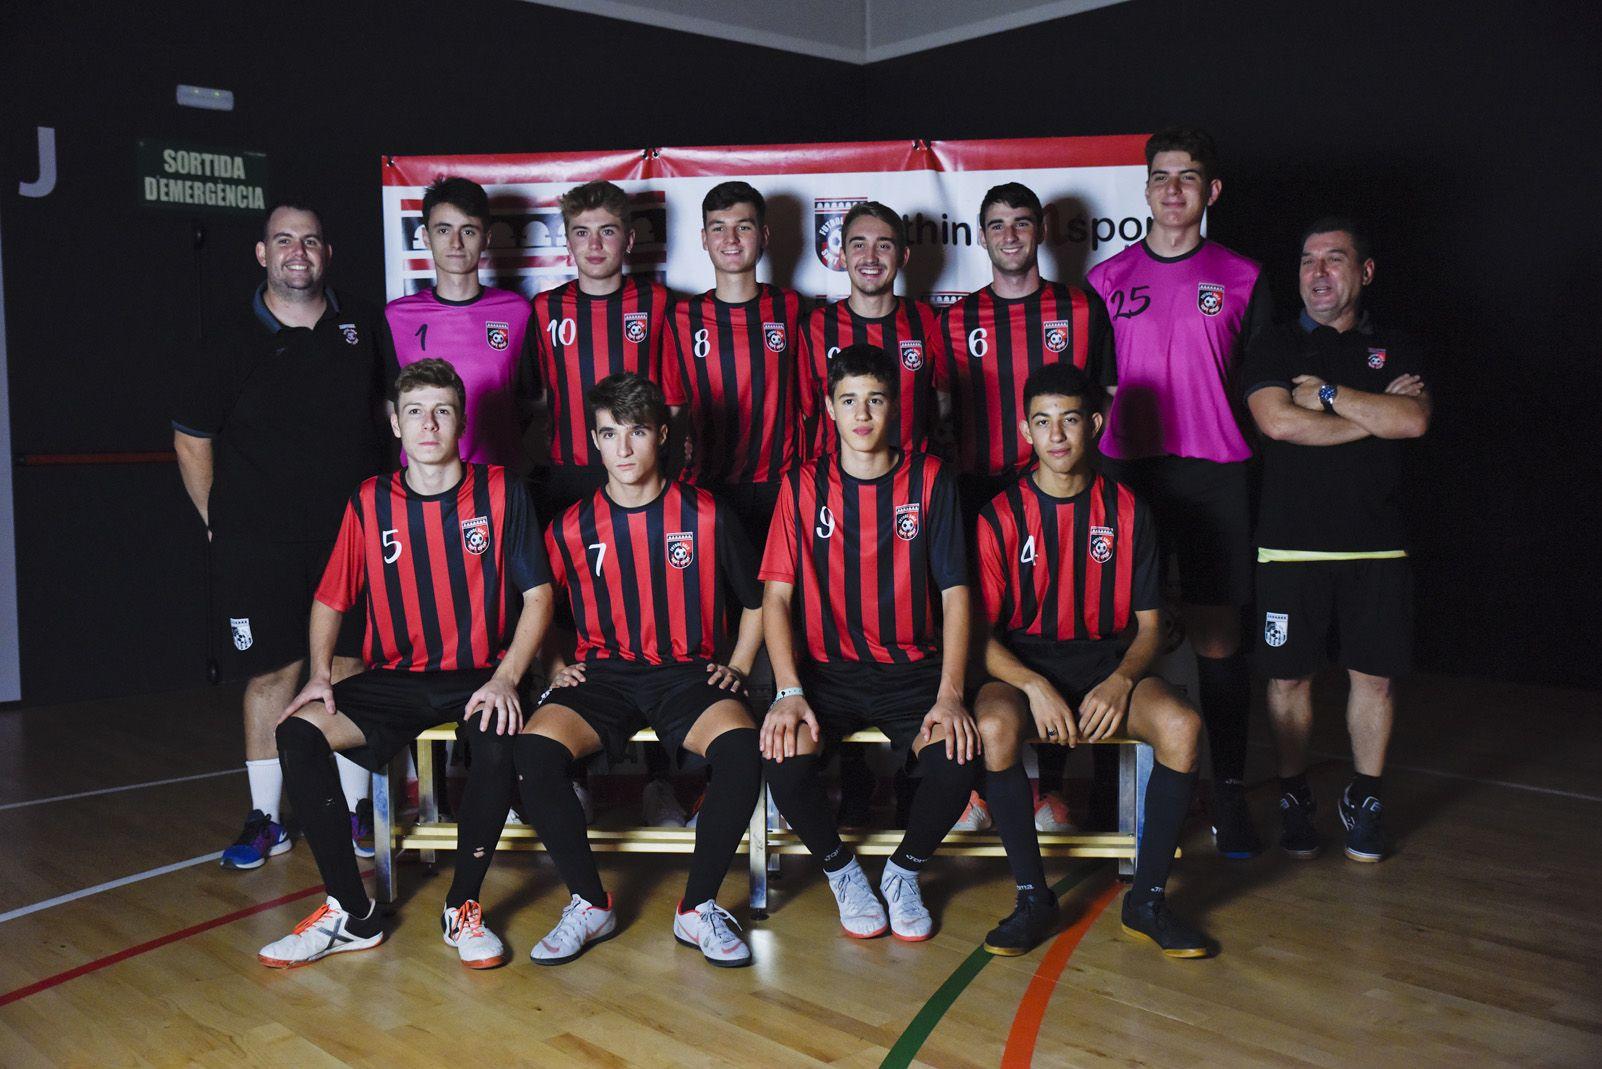 Presentació de ls equips de Futbol Sala Sant Cugat. Foto: Bernat Millet.